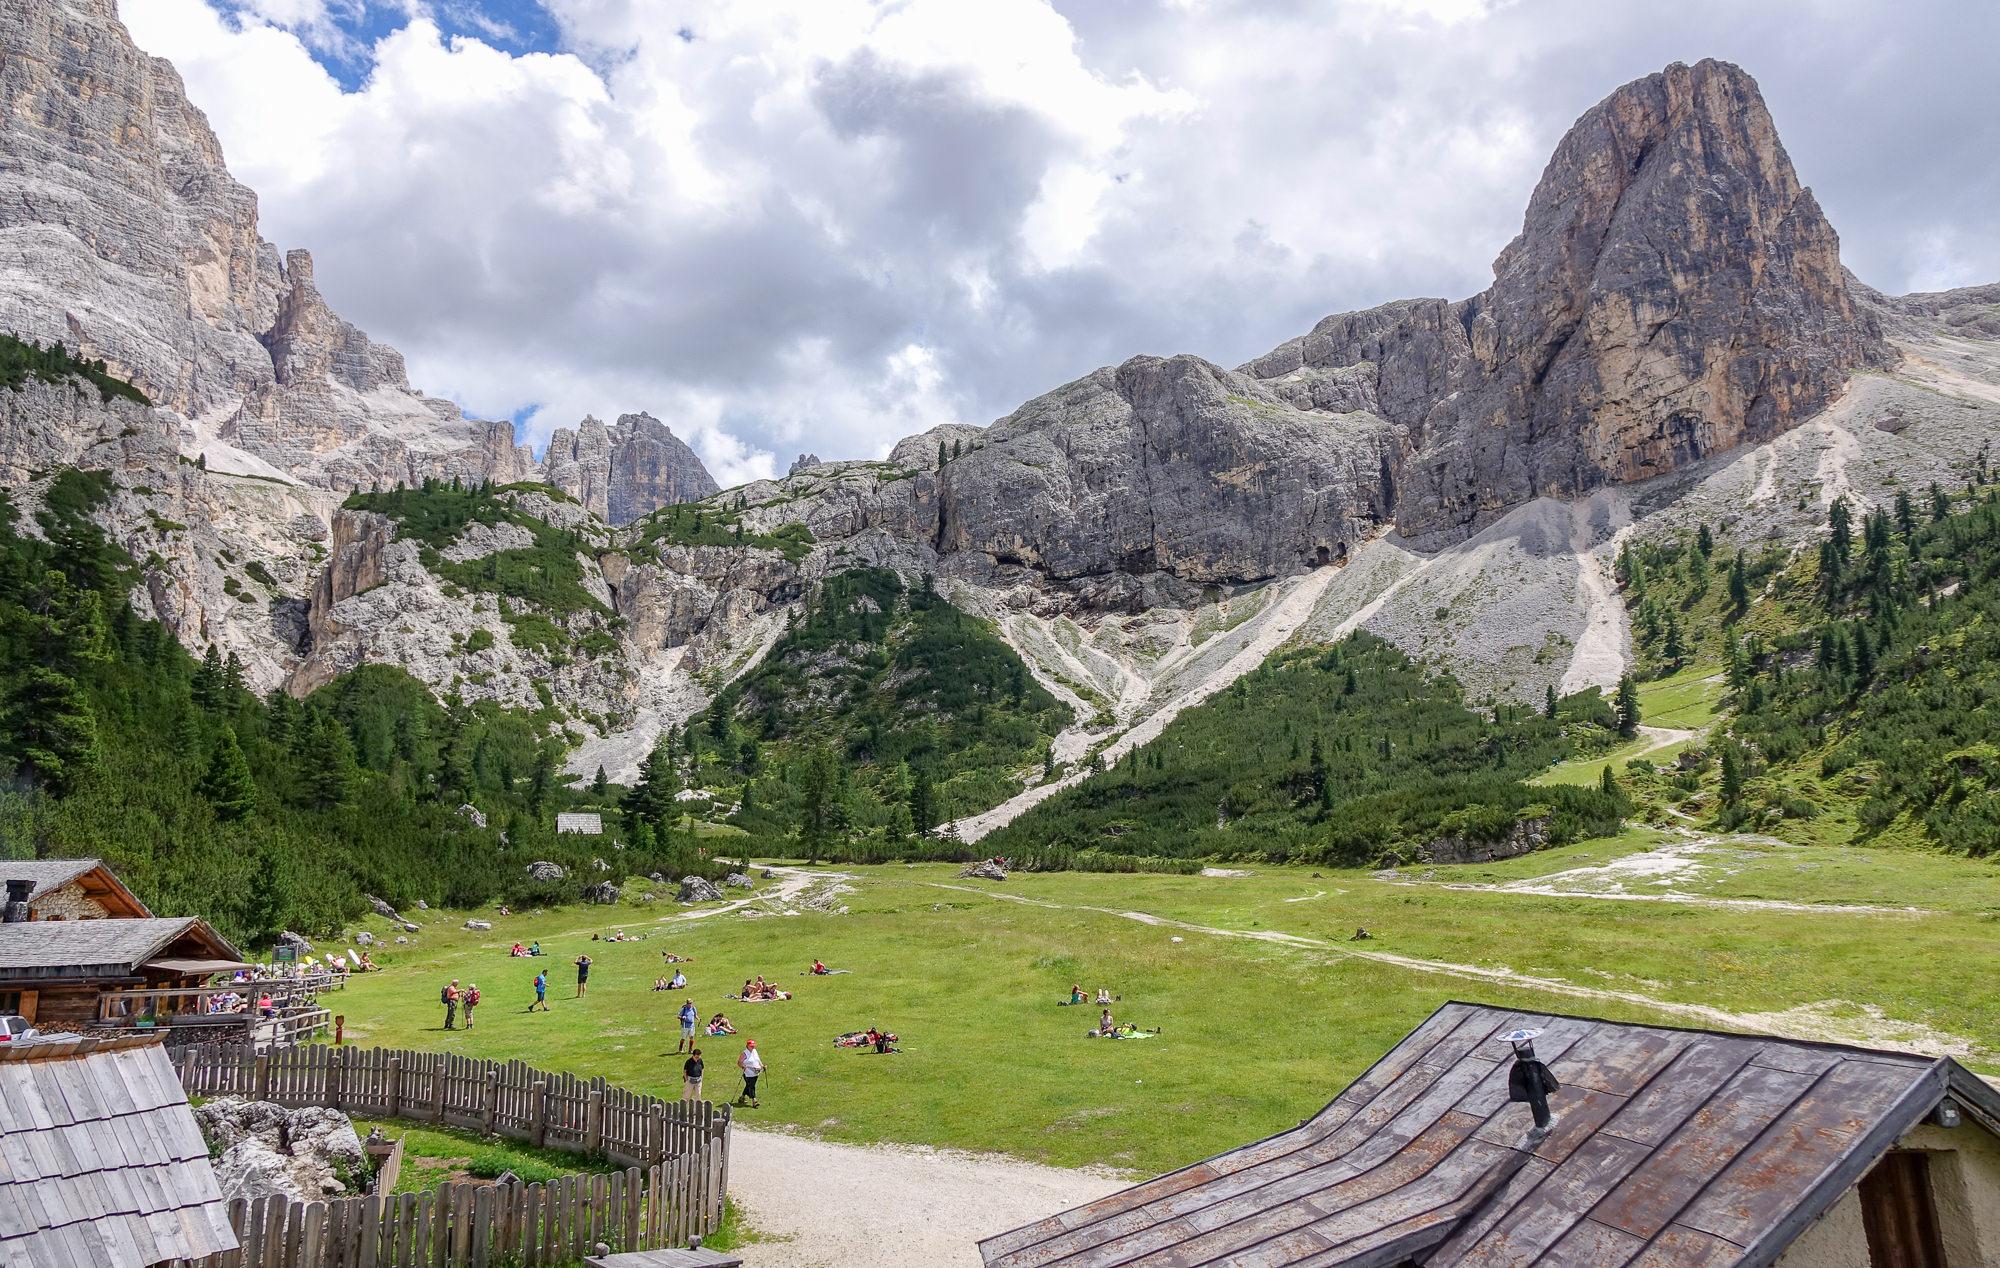 Rifugio Scotoni Hütte view